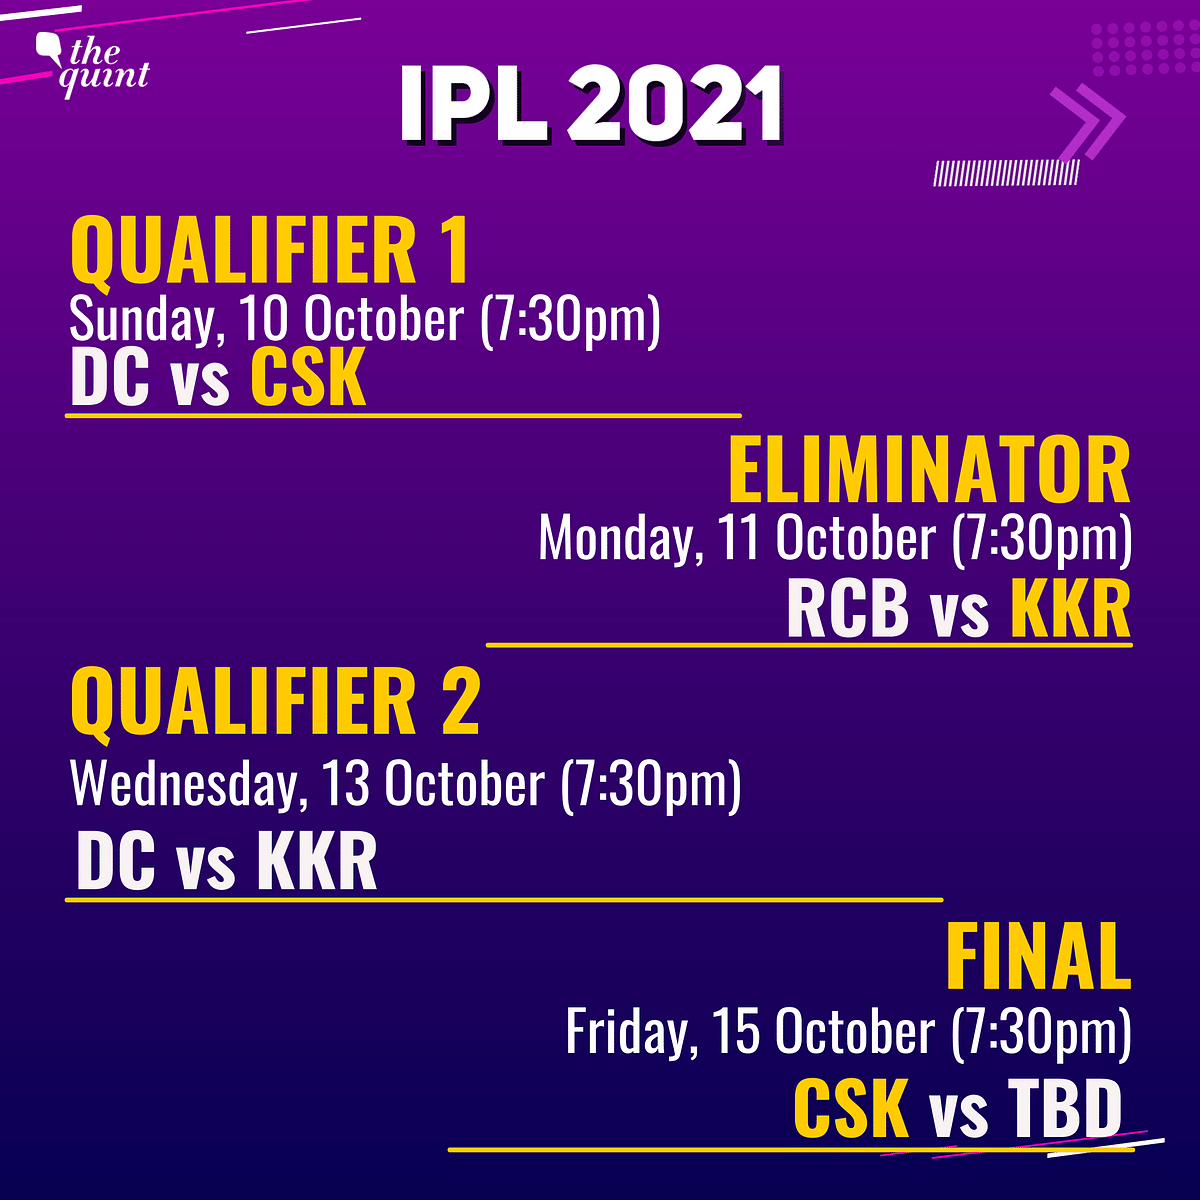 KKR Knock Virat Kohli's RCB Out of IPL 2021, Will Play Delhi For Spot in Final